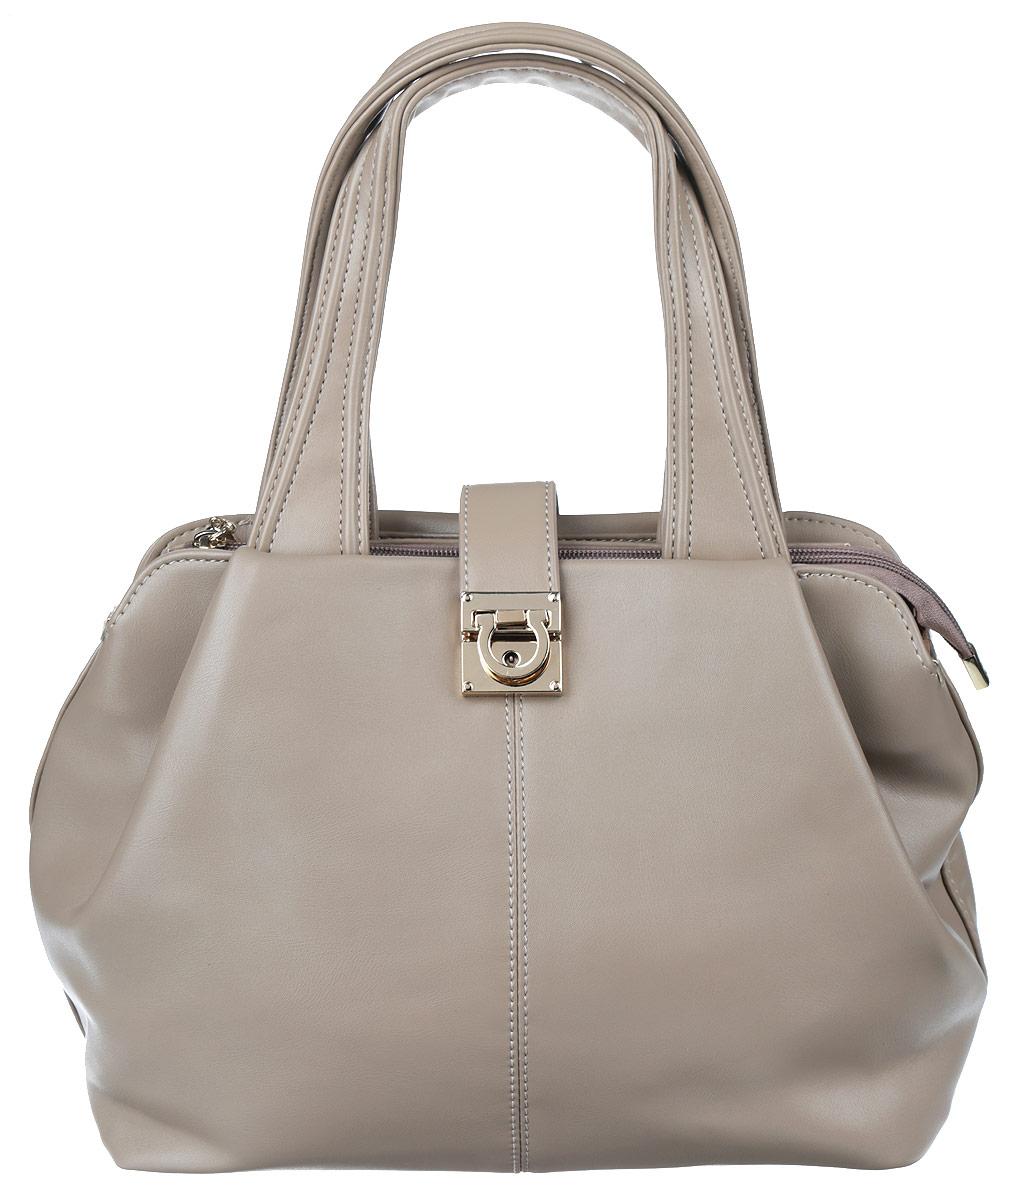 Сумка женская Vitacci, цвет: серо-бежевый. VE0840VE0840Стильная женская сумка Vitacci выполнена из искусственной кожи. Изделие имеет одно основное отделение, разделенное пополам карманом-средником на застежке-молнии. Закрывается сумка застежку-молнию и дополнительно на хлястик с застежкой-защелкой. Внутри расположены прорезной карман на застежке-молнии и два накладных открытых кармана. Снаружи, на задней стенке расположен прорезной карман на застежке-молнии. Изделие оснащено двумя удобными ручками. Роскошная сумка внесет элегантные нотки в ваш образ и подчеркнет ваше отменное чувство стиля.